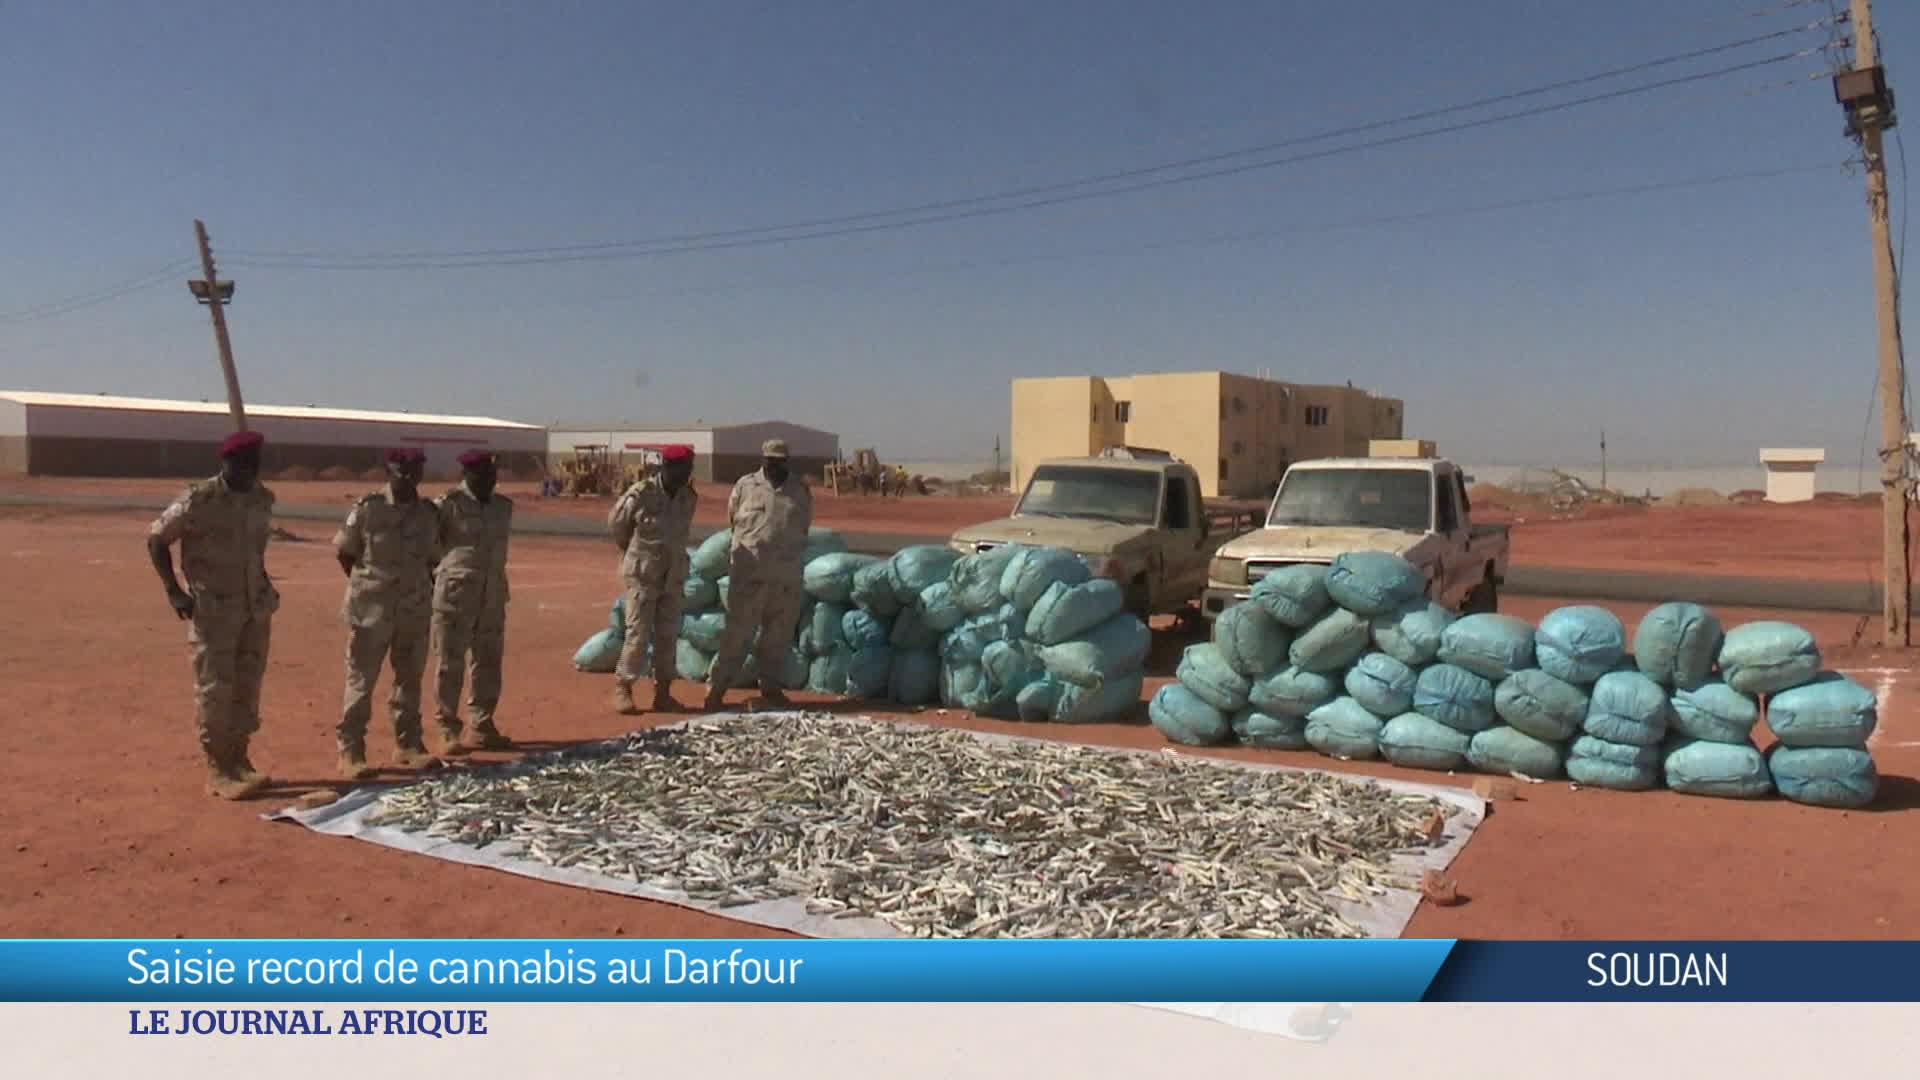 Soudan : l'une des plus importantes prises de drogue